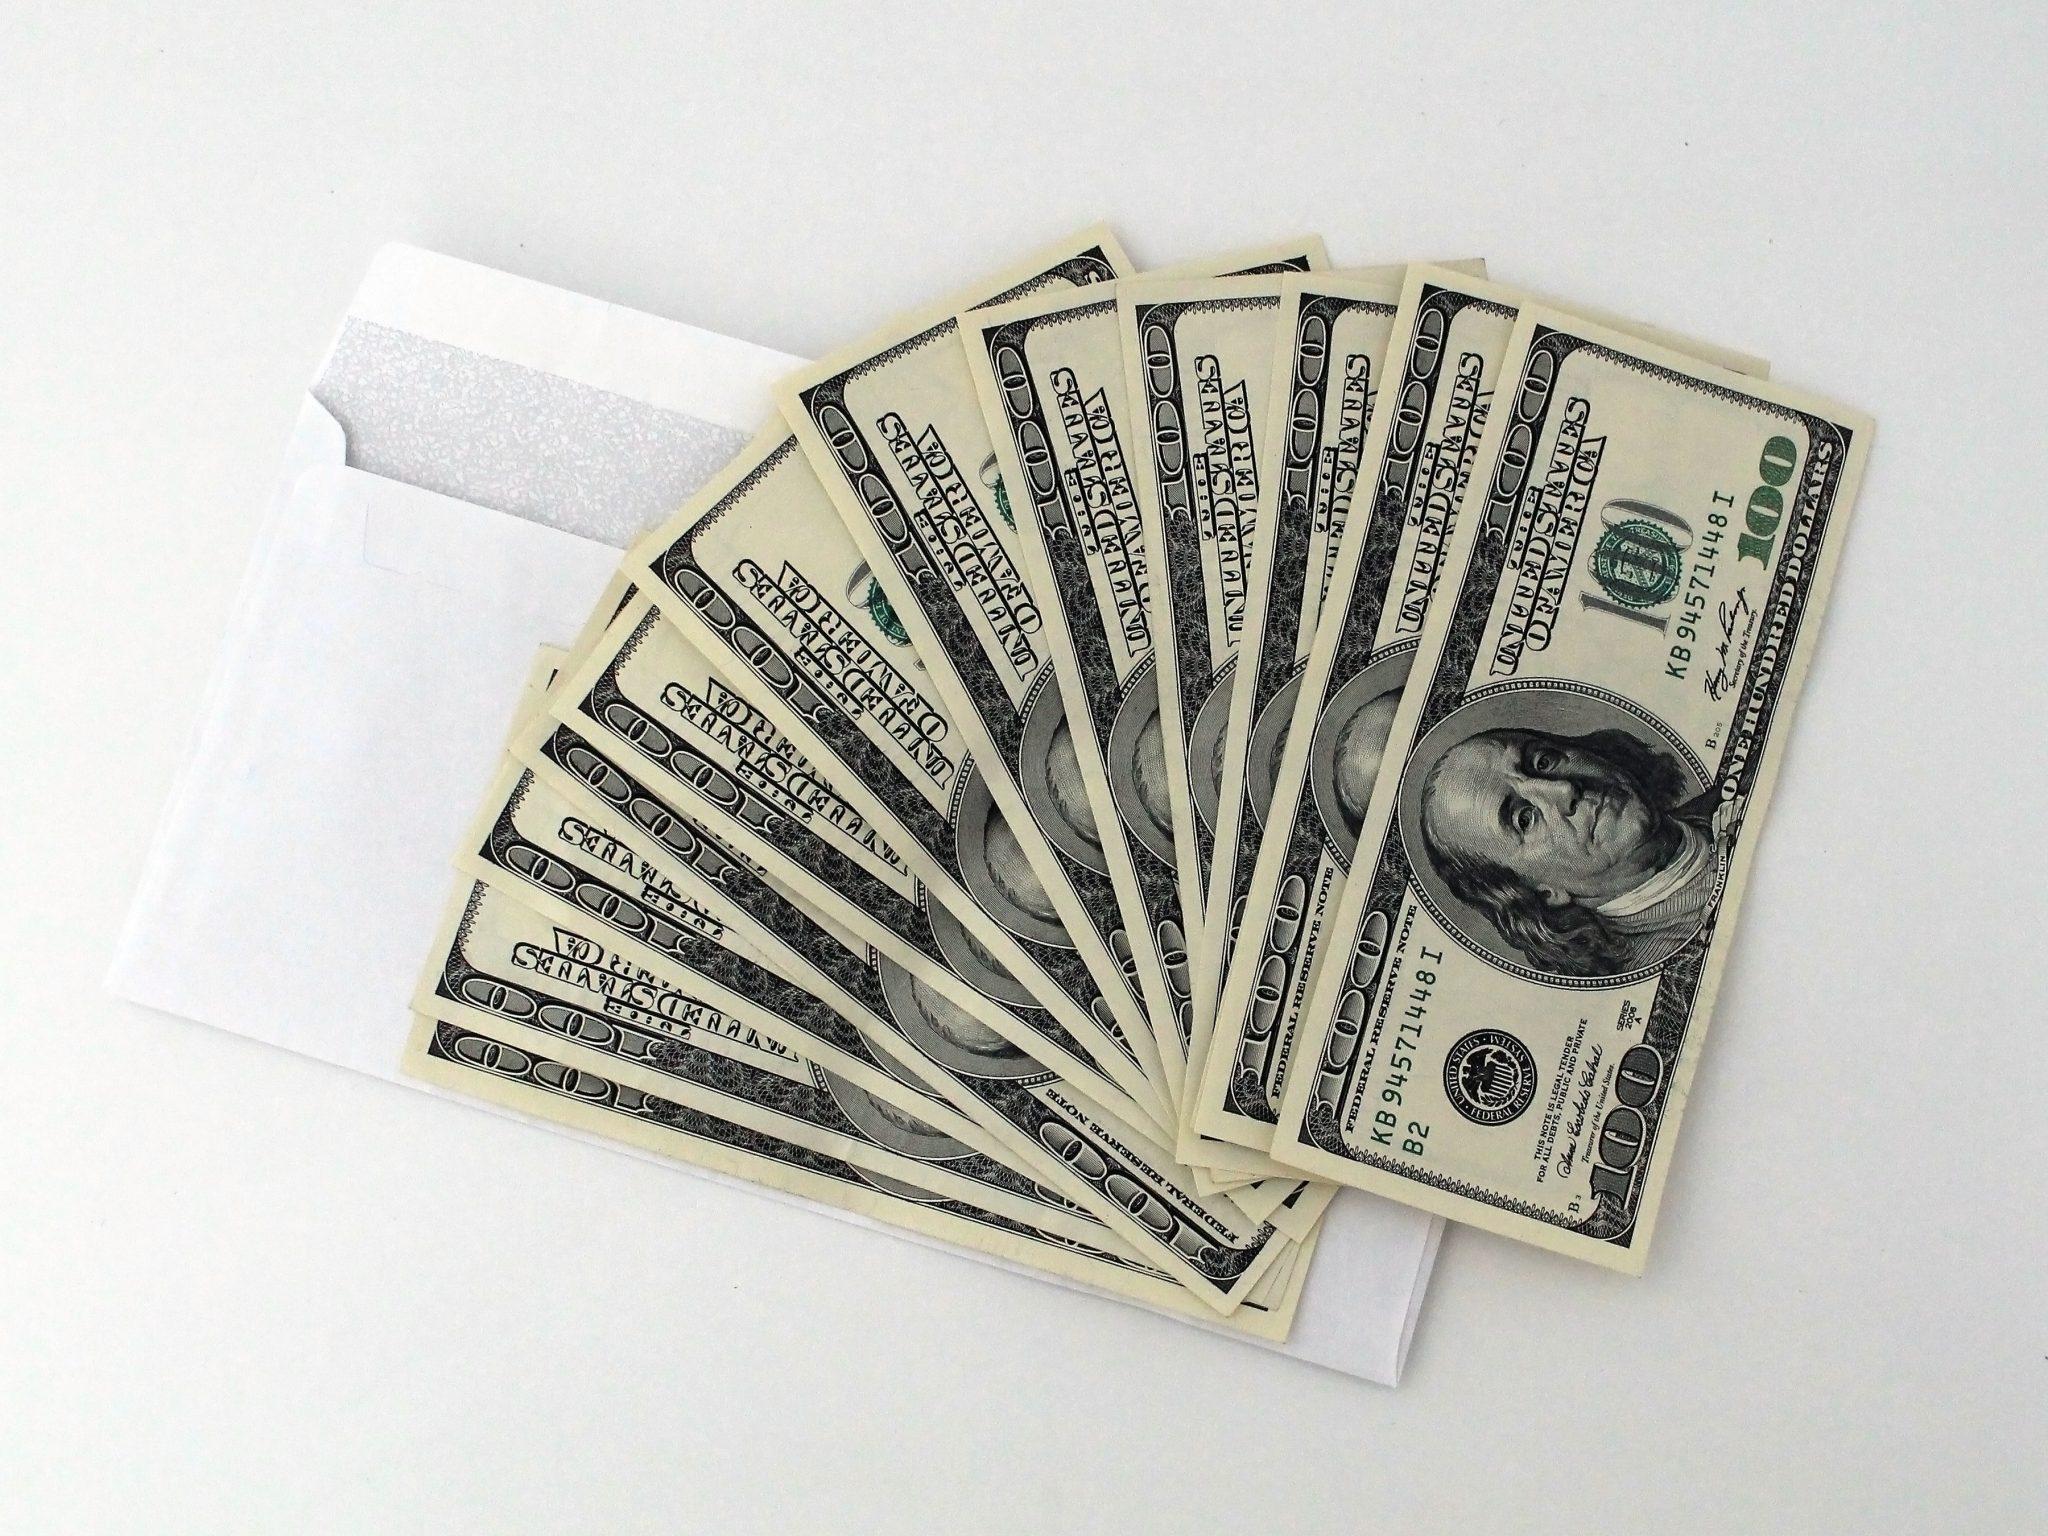 taxback tax reimbursement